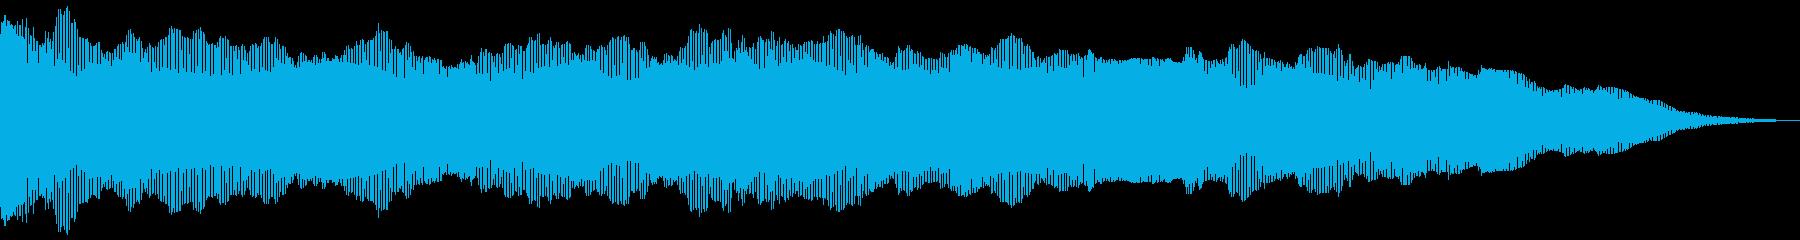 ドラマチックシンセドローンの再生済みの波形